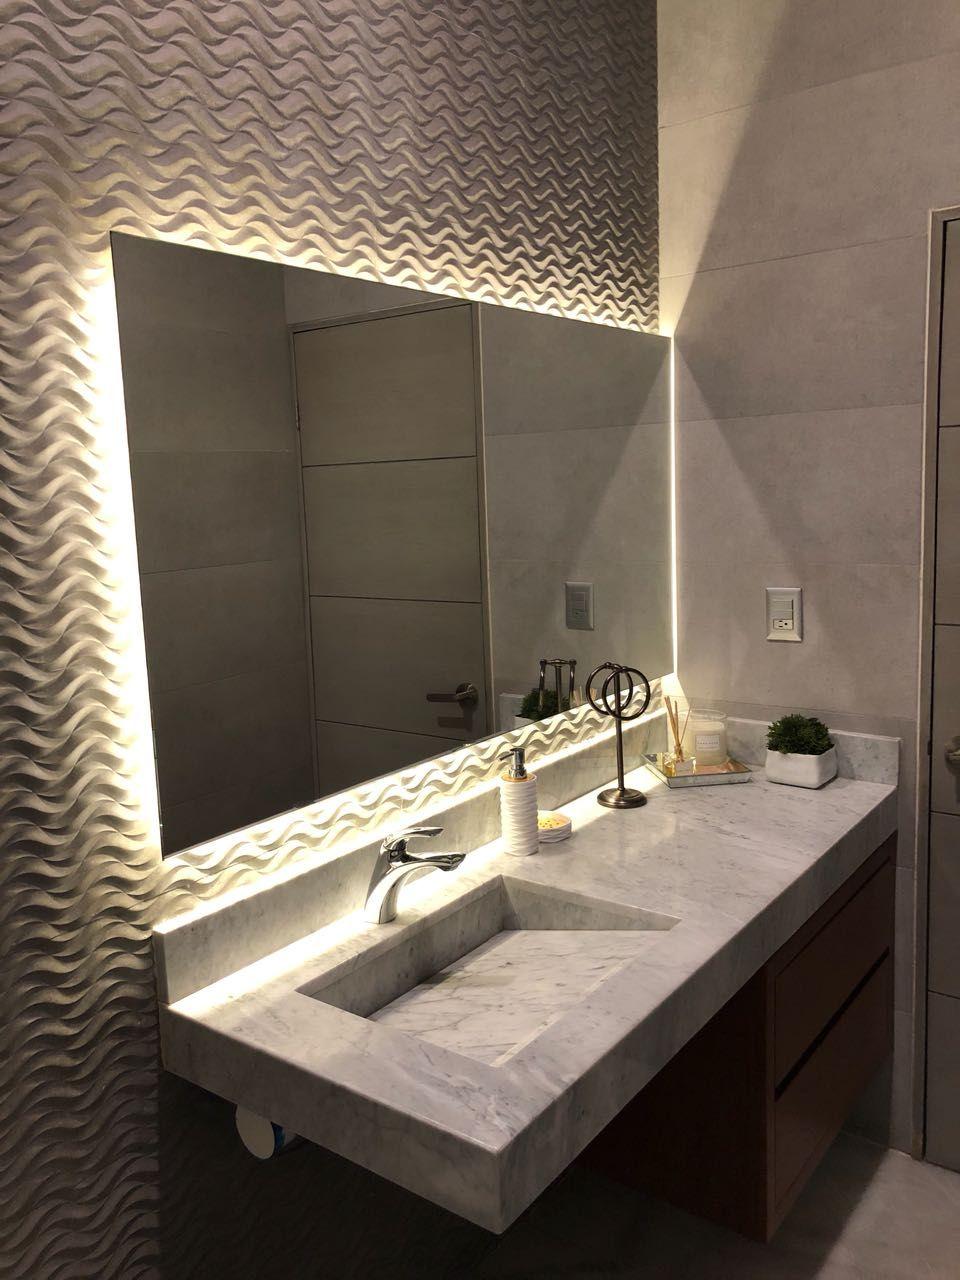 Pin By Rasha Aleshmawi On Bathroom Decor Bathroom Design Decor Modern Bathroom Modern Bathroom Design